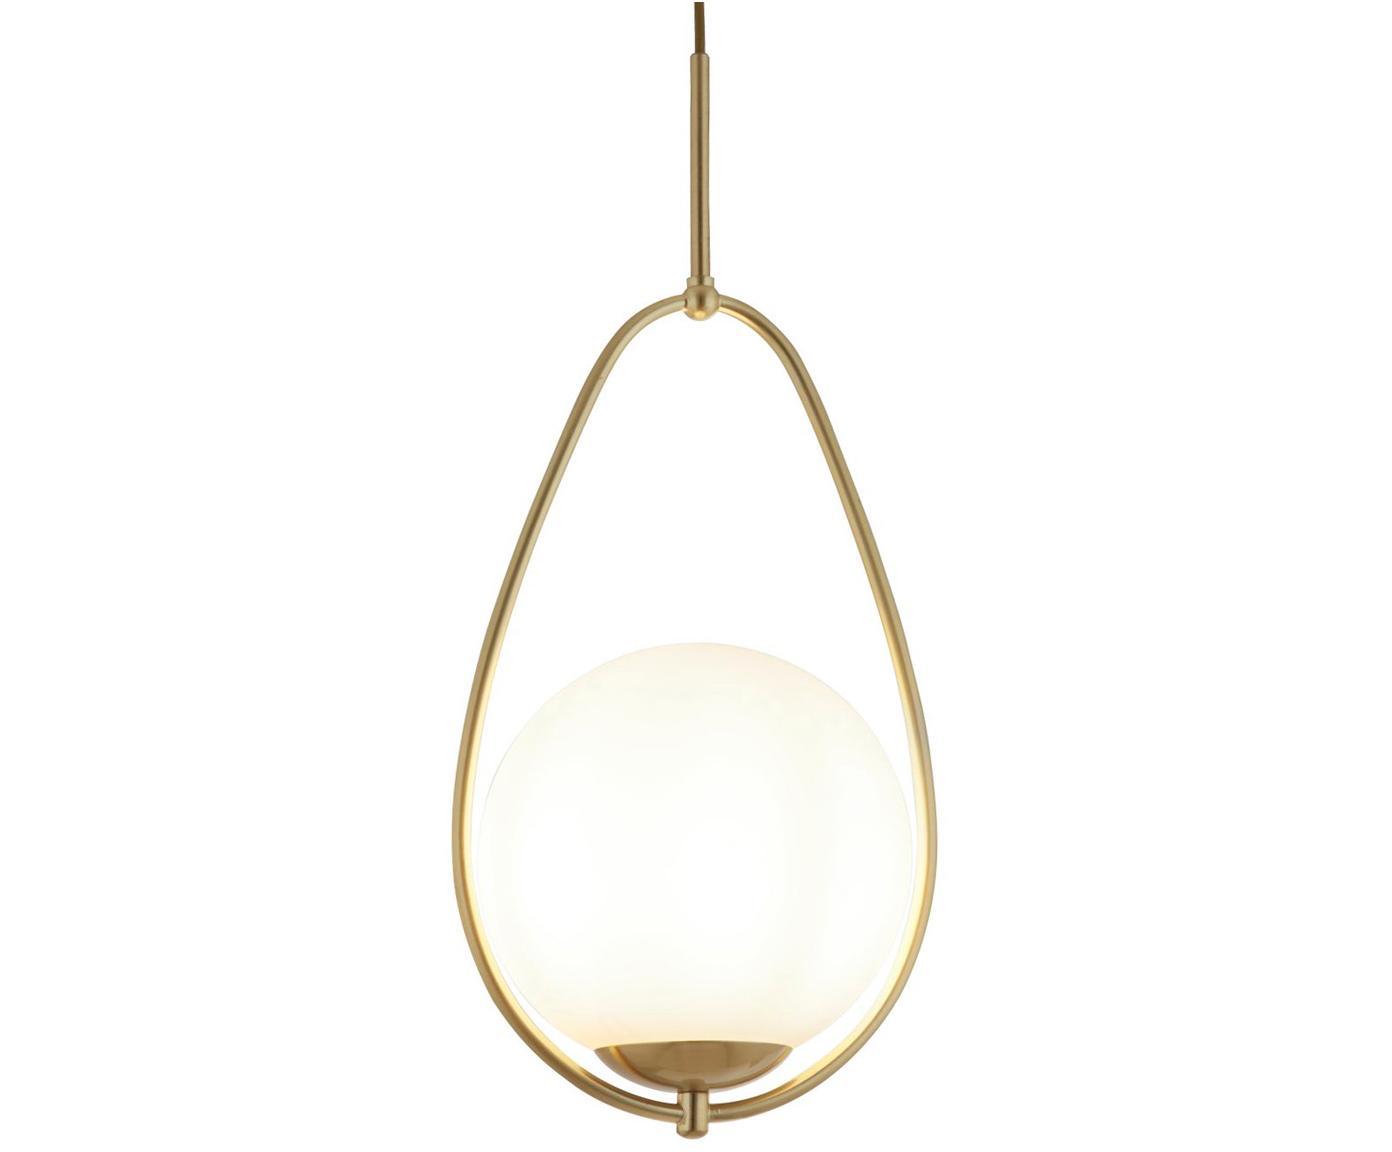 Kleine Pendelleuchte Avalon aus Opalglas, Lampenschirm: Glas, Weiss, Goldfarben, Ø 23 x H 51 cm